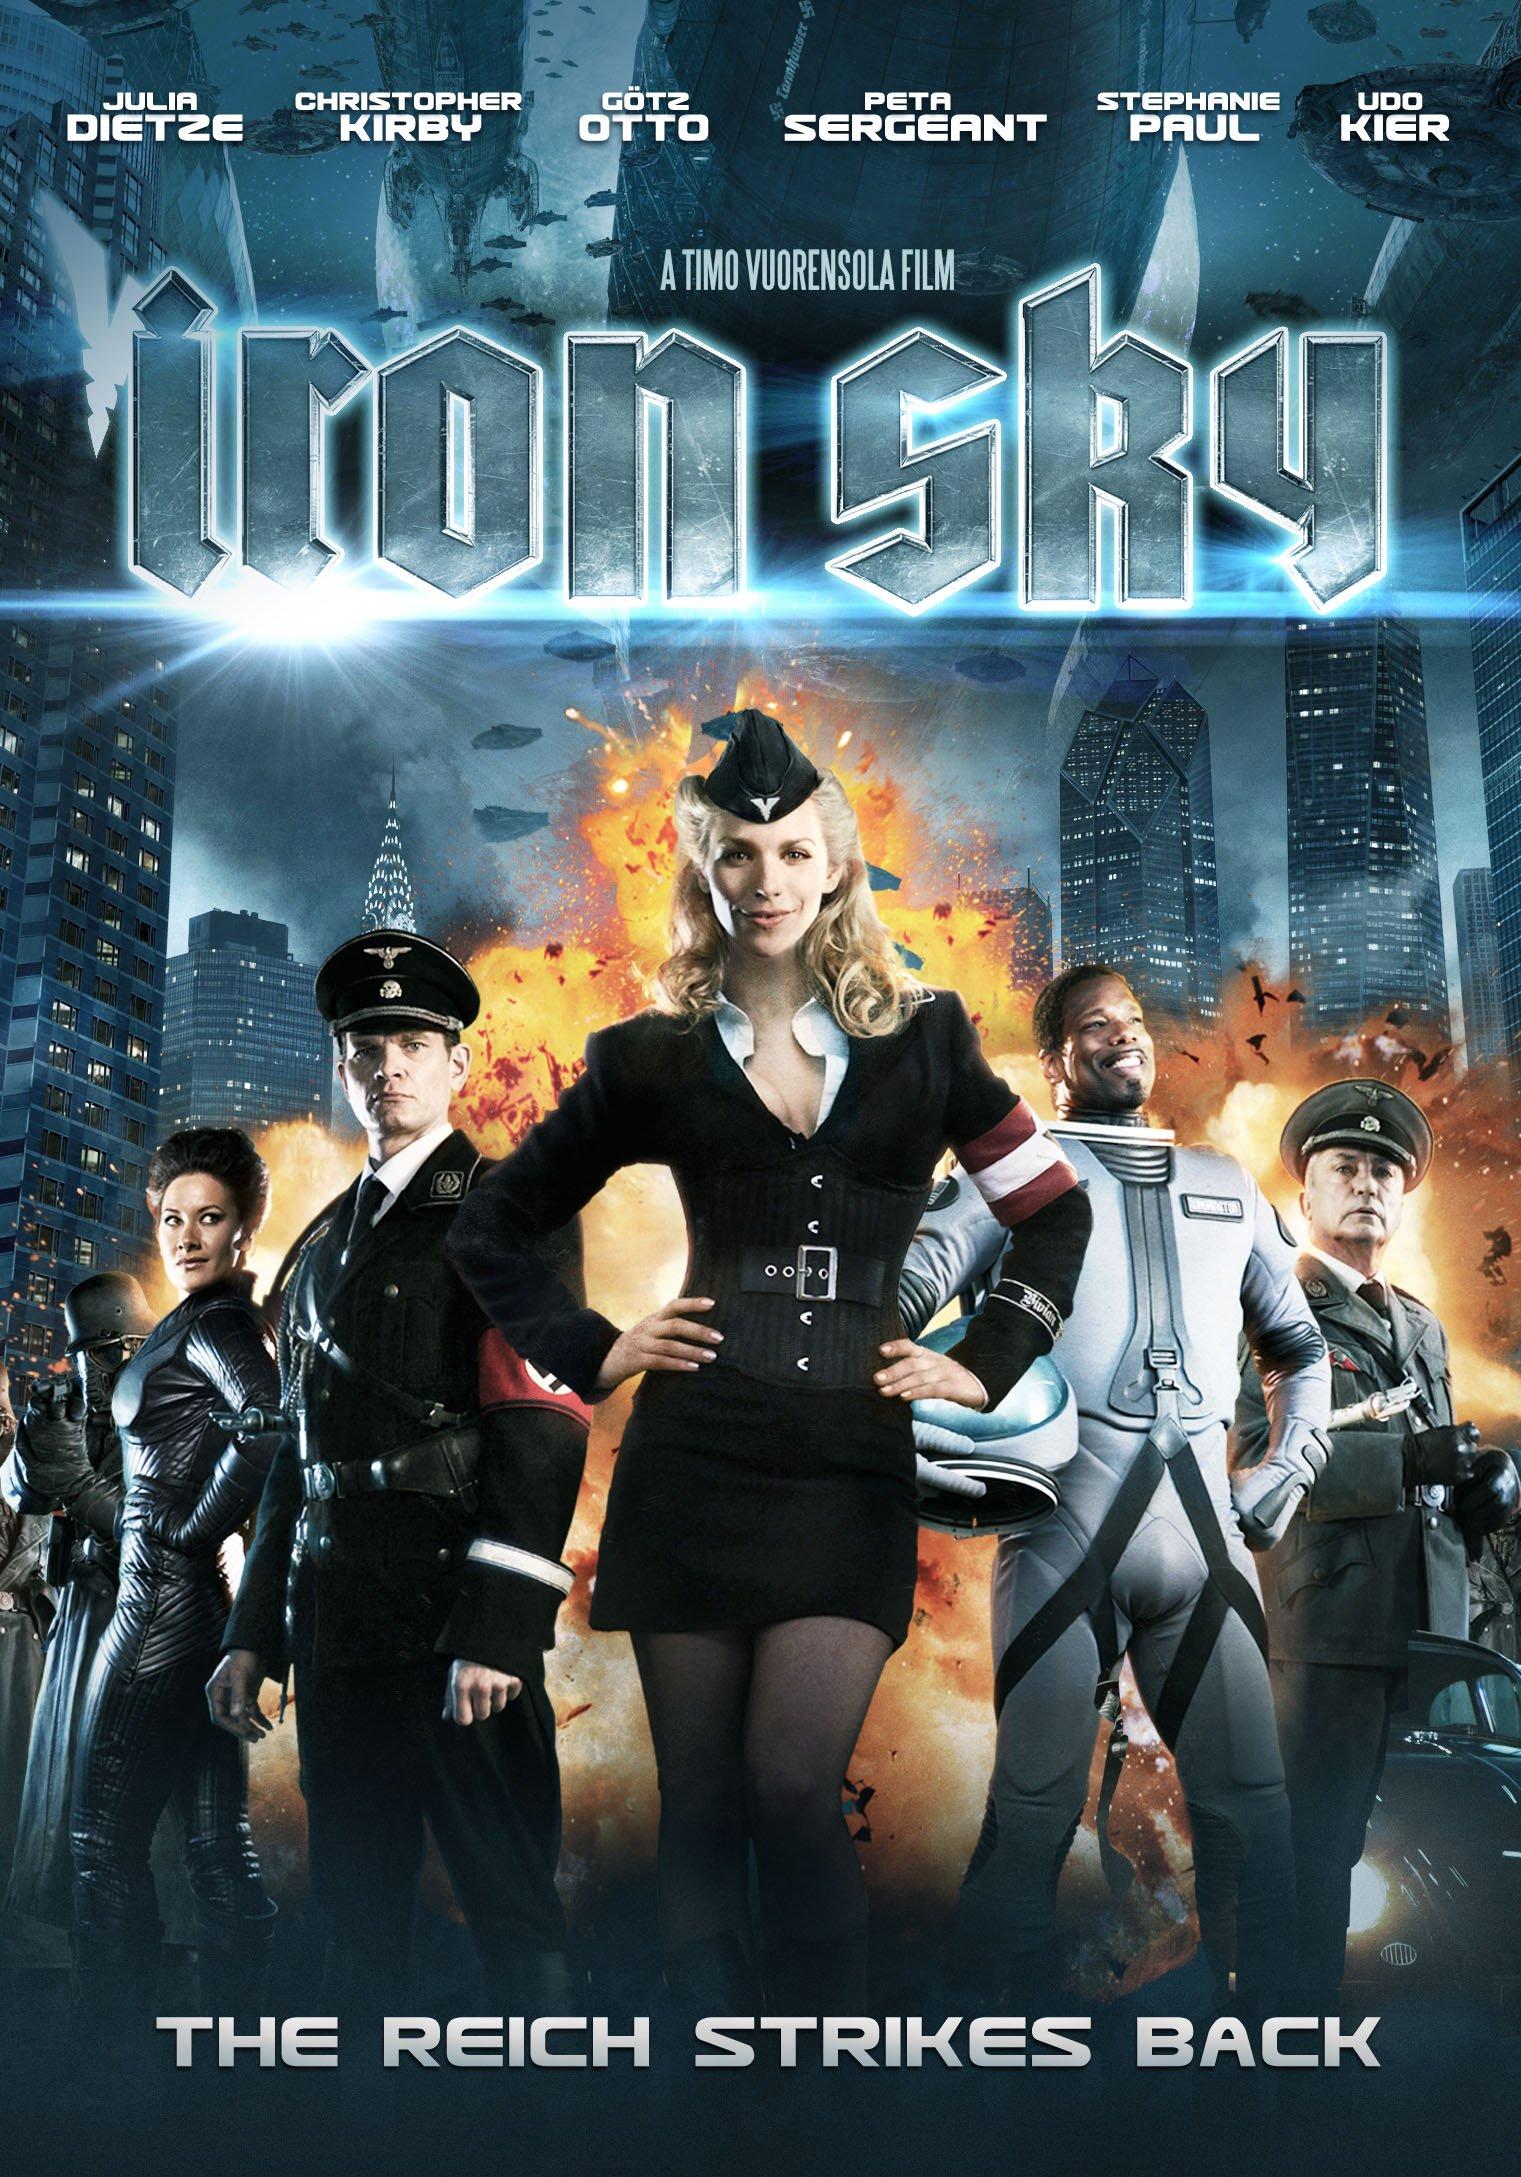 Iron Sky 2 Movie4k